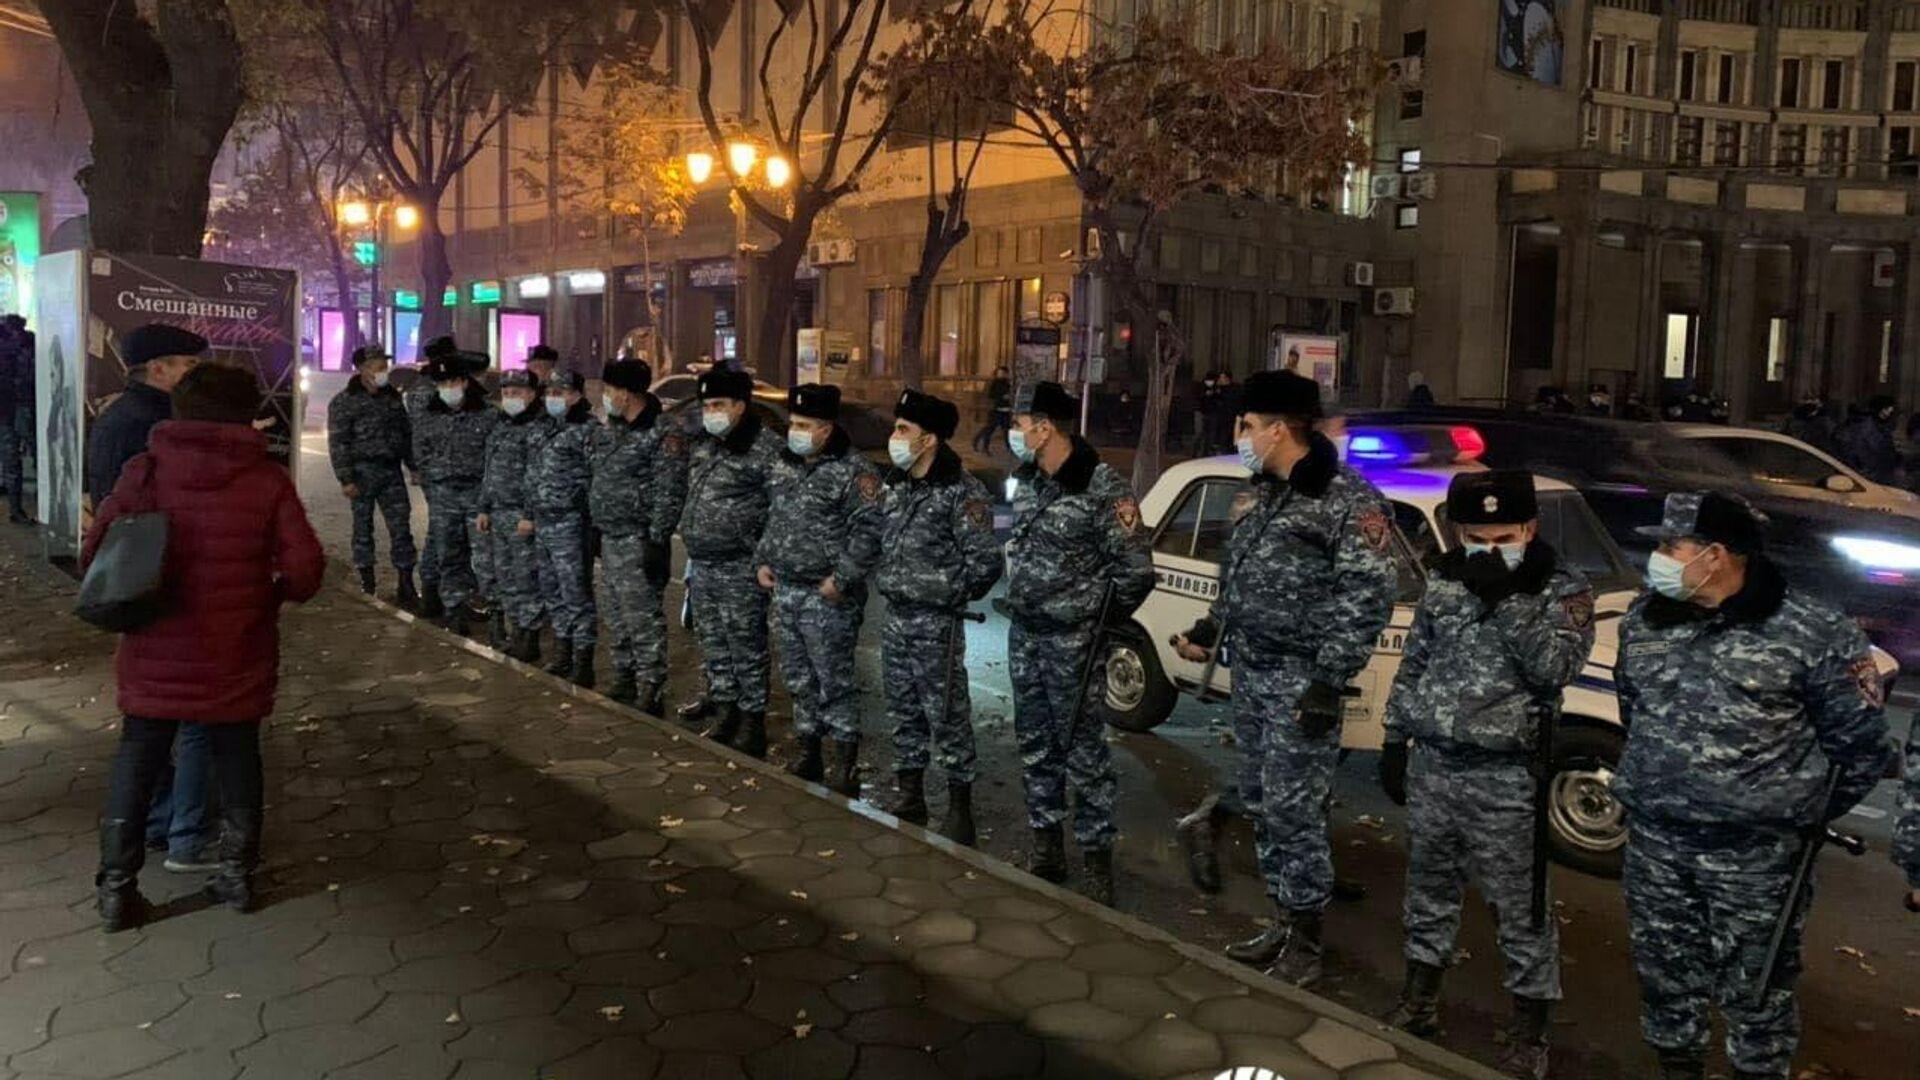 Сотрудники полиции в Ереване - РИА Новости, 1920, 30.11.2020